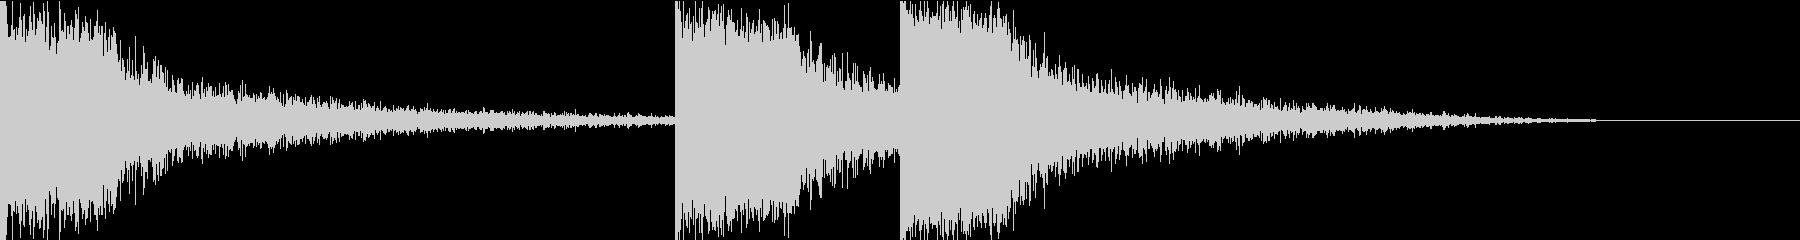 サスペンス 衝撃の事実 効果音の未再生の波形